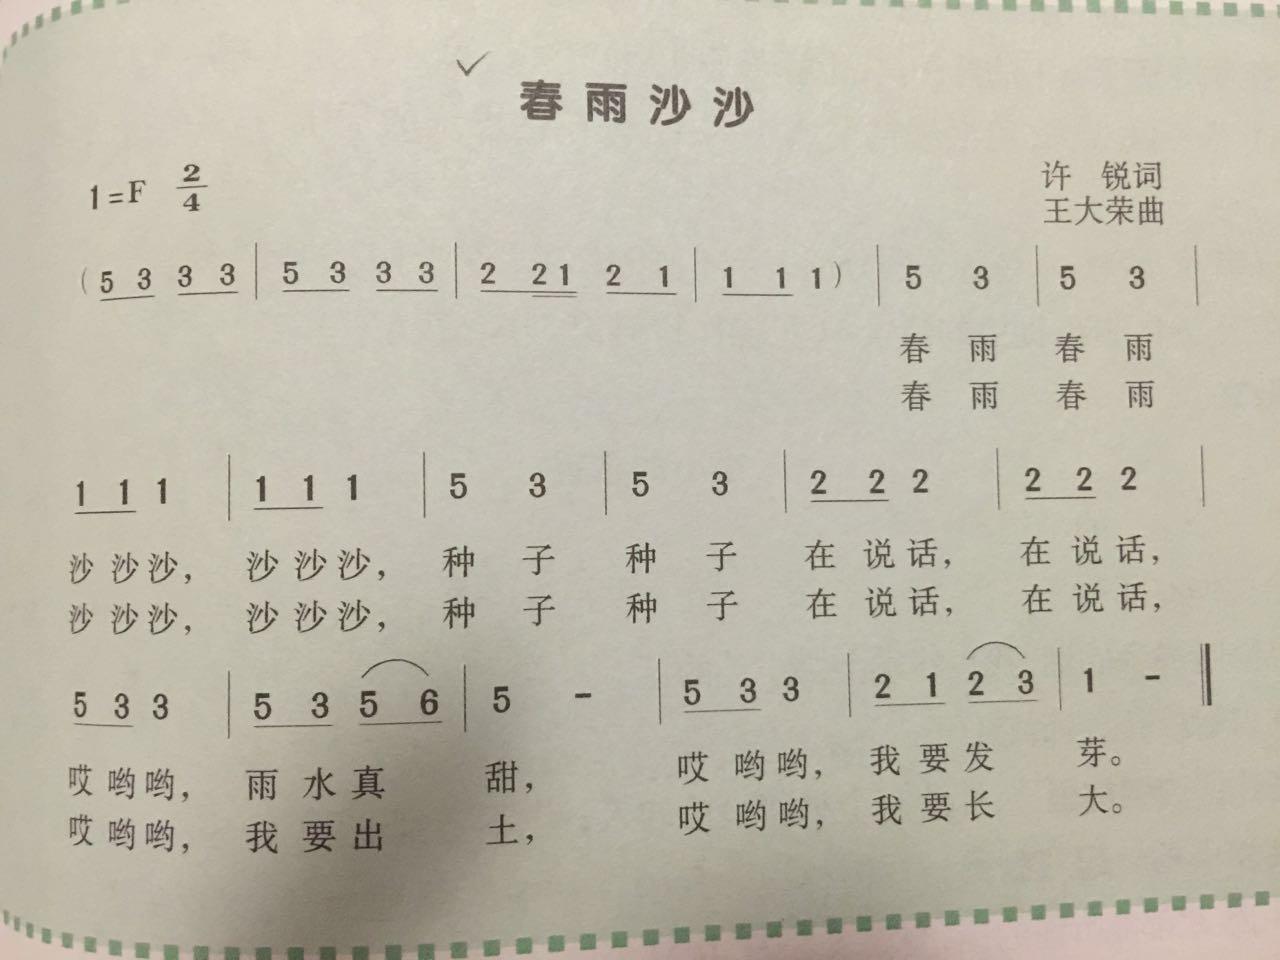 春雨沙沙简谱-信息详细 小二班